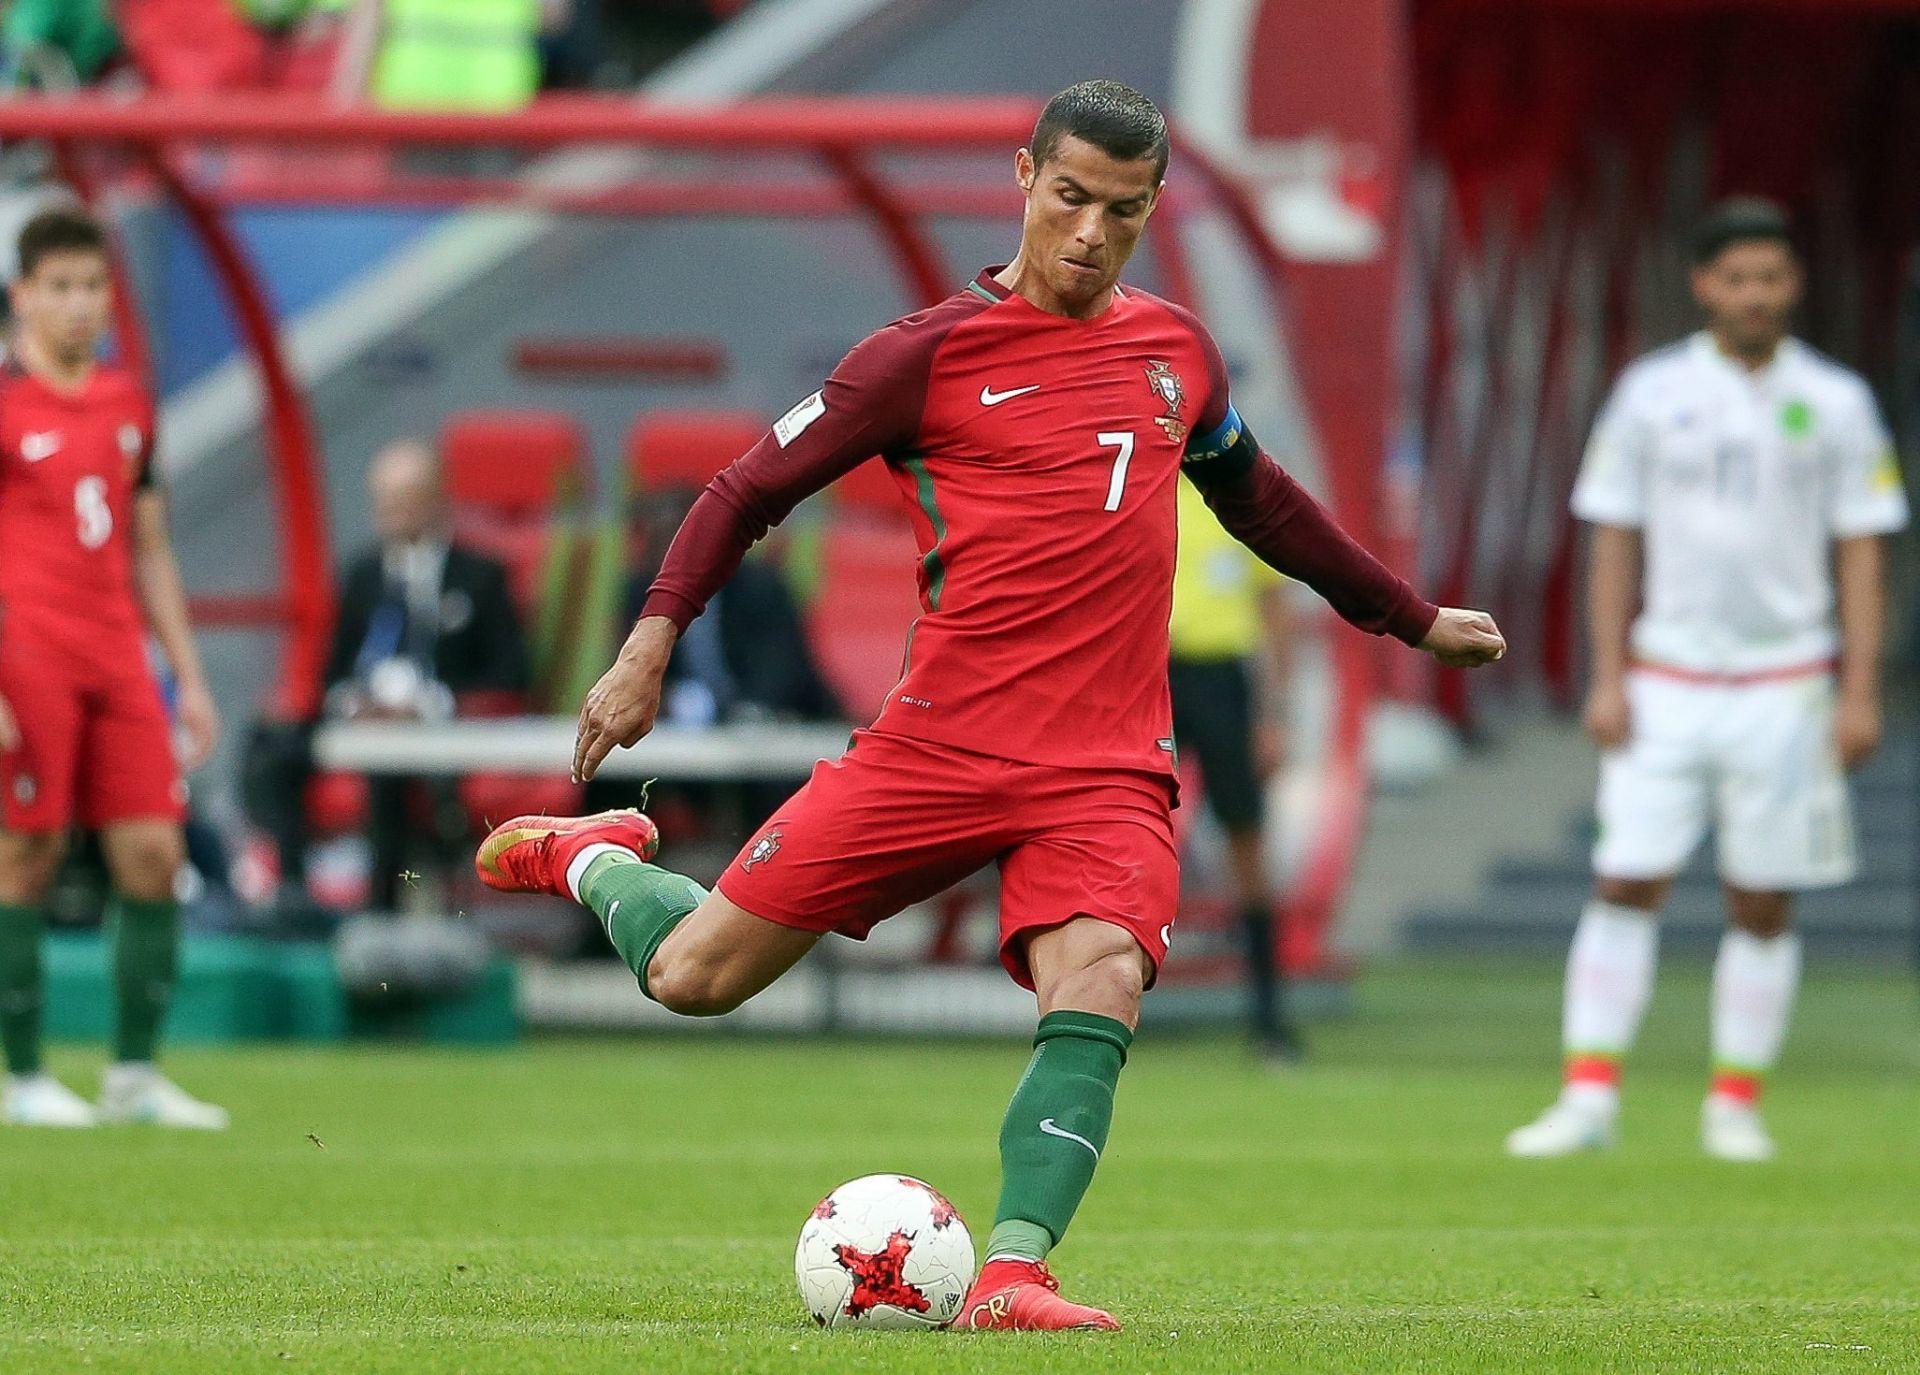 El juez cita a Cristiano Ronaldo como investigado el 31 de julio